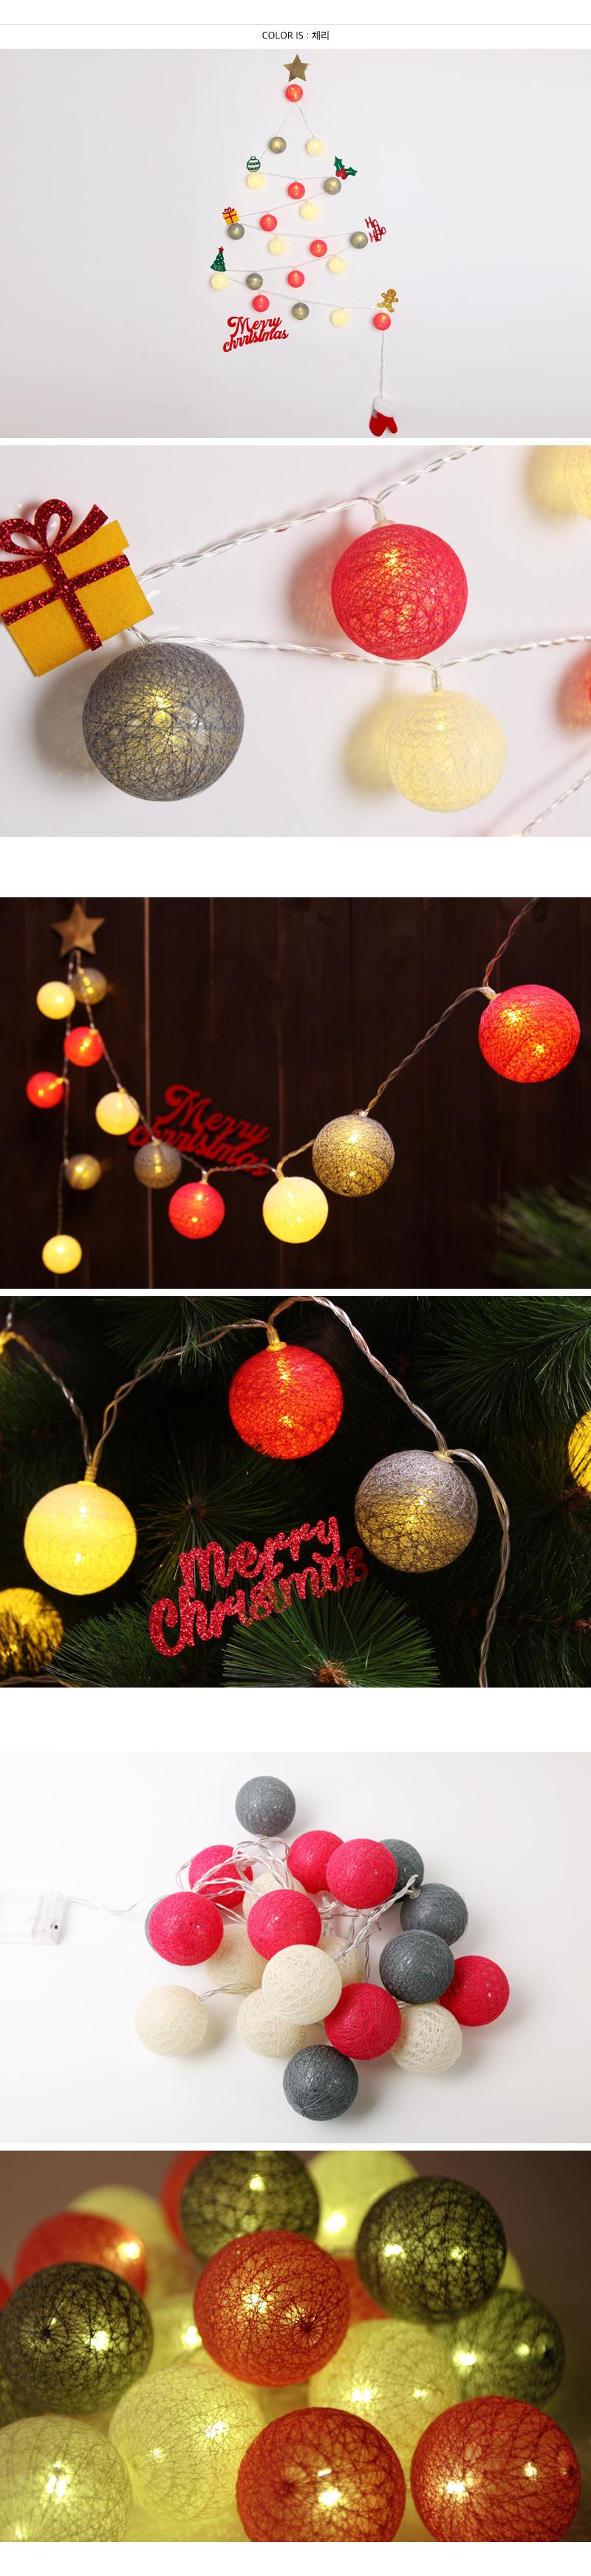 LED 코튼볼라이트 20P (화이트) - 파티해, 15,300원, 크리스마스, 장식소품